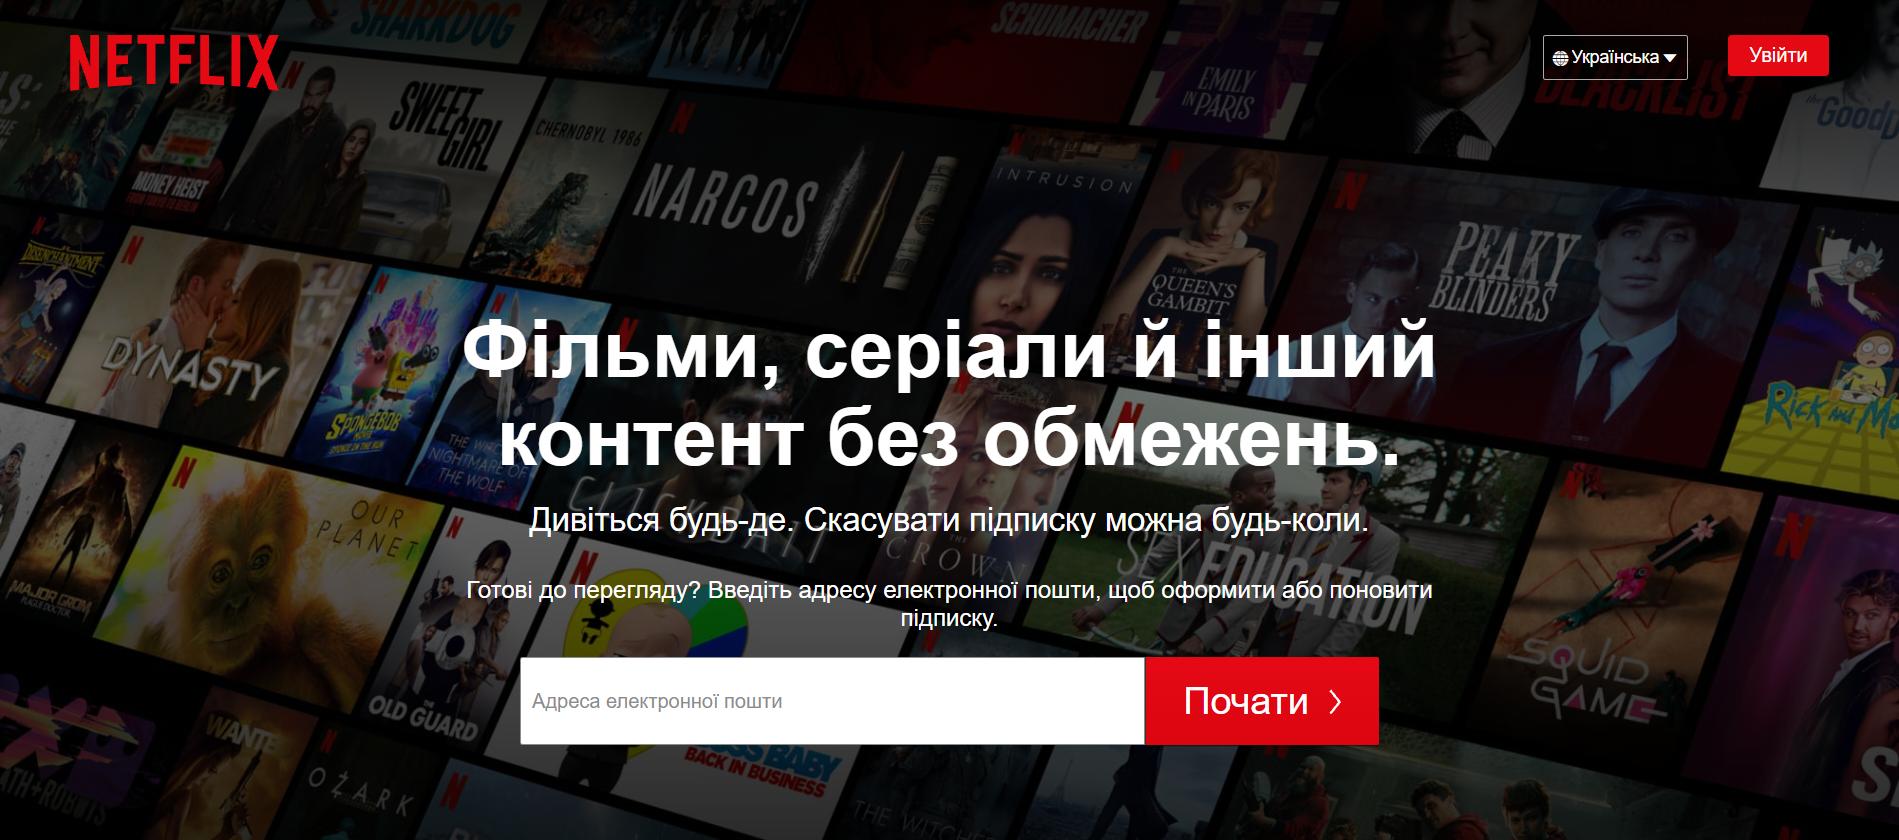 Netflix теперь можно смотреть на украинском